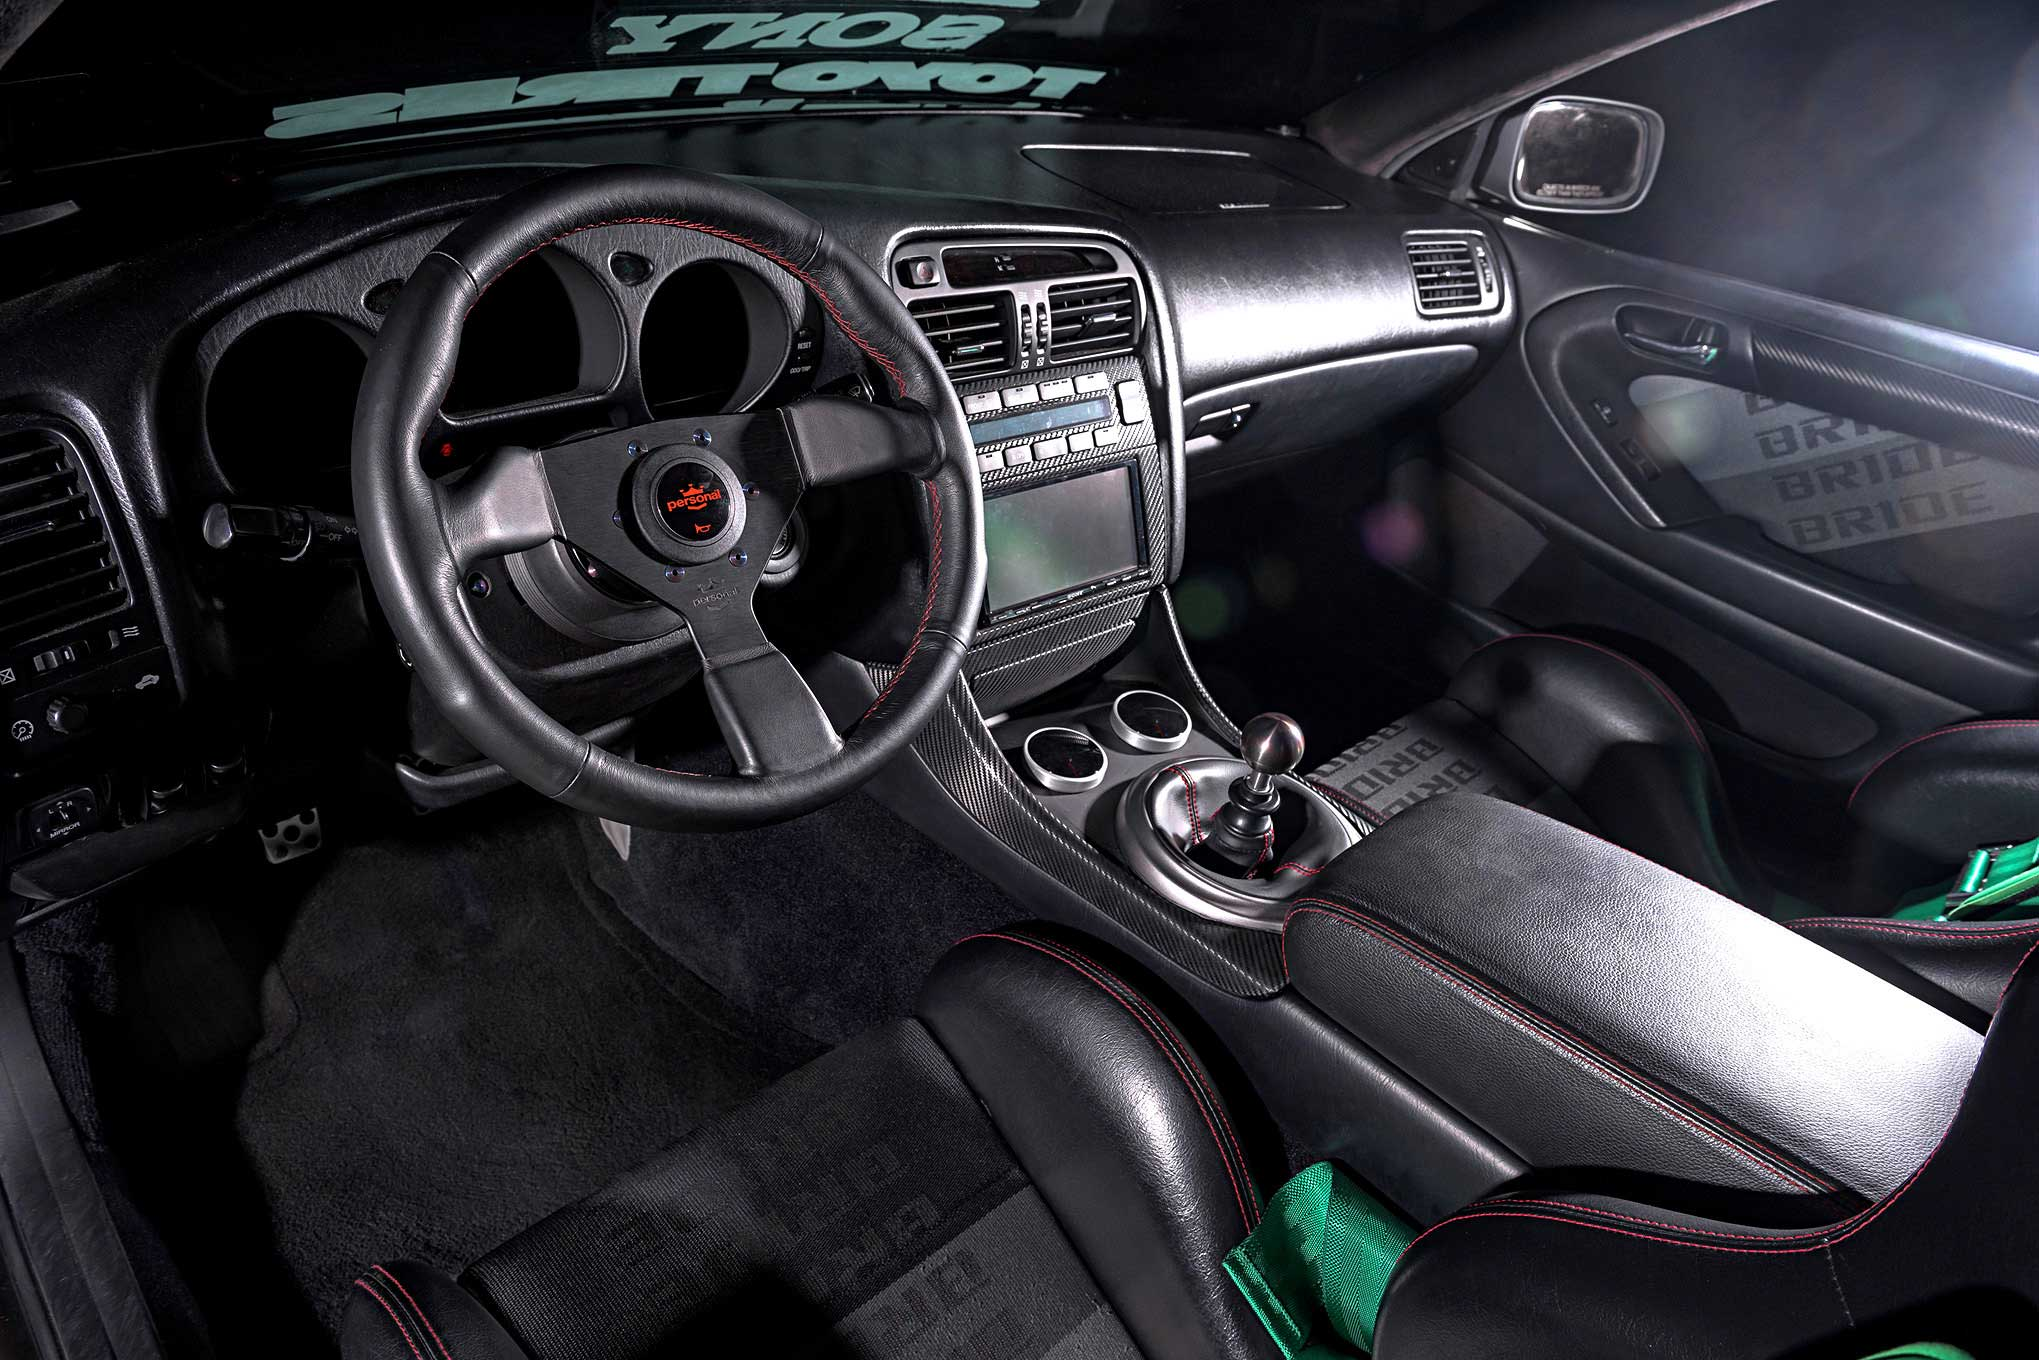 medium resolution of 1998 lexus gs400 personal grinta steering wheel